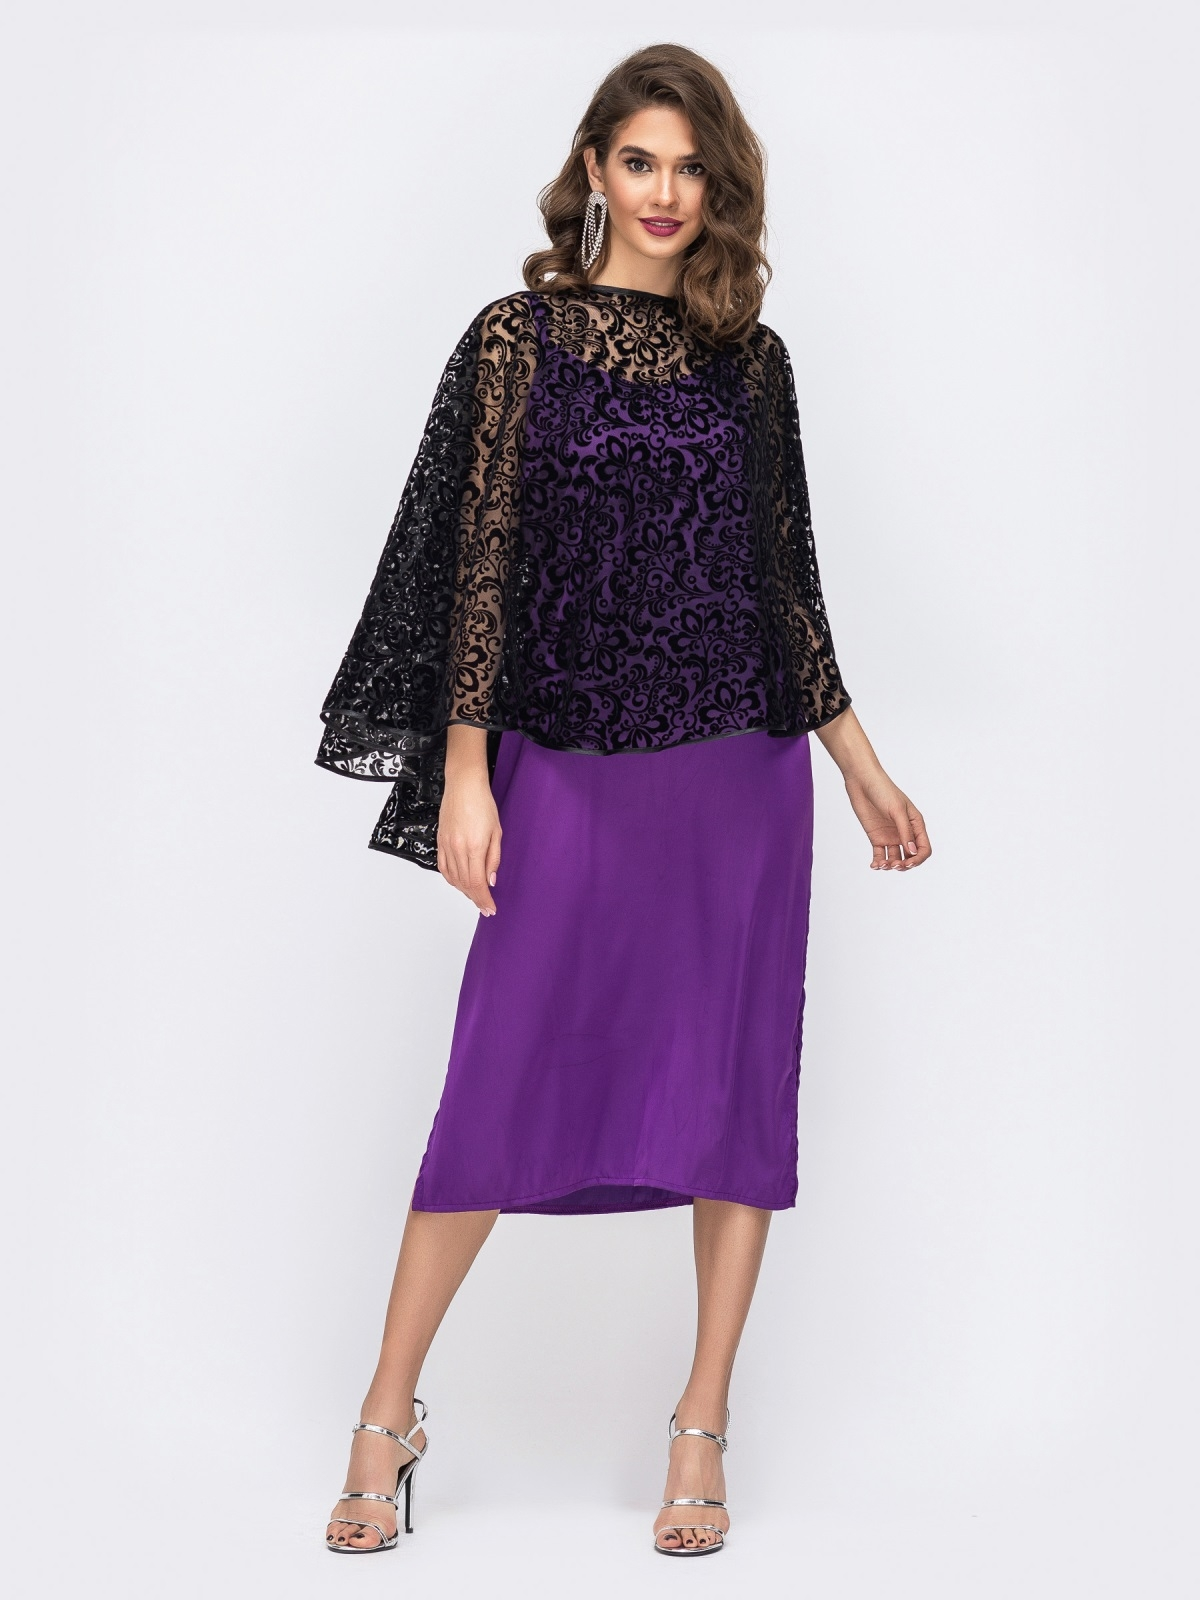 Комплект из платья и гипюровой накидки фиолетовый 42672, фото 1